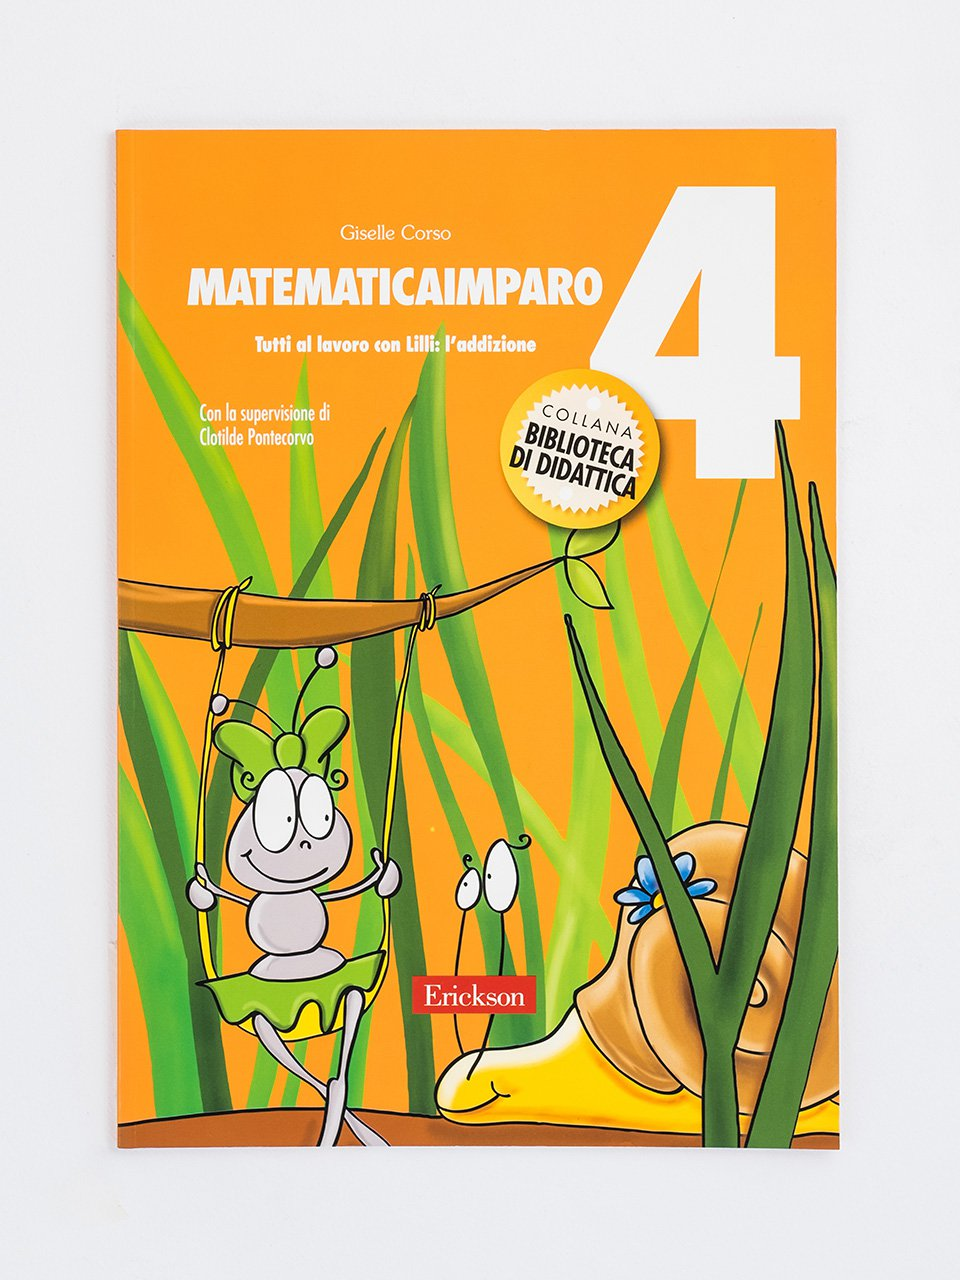 MatematicaImparo 4 - Procedure di calcolo orale - Erickson